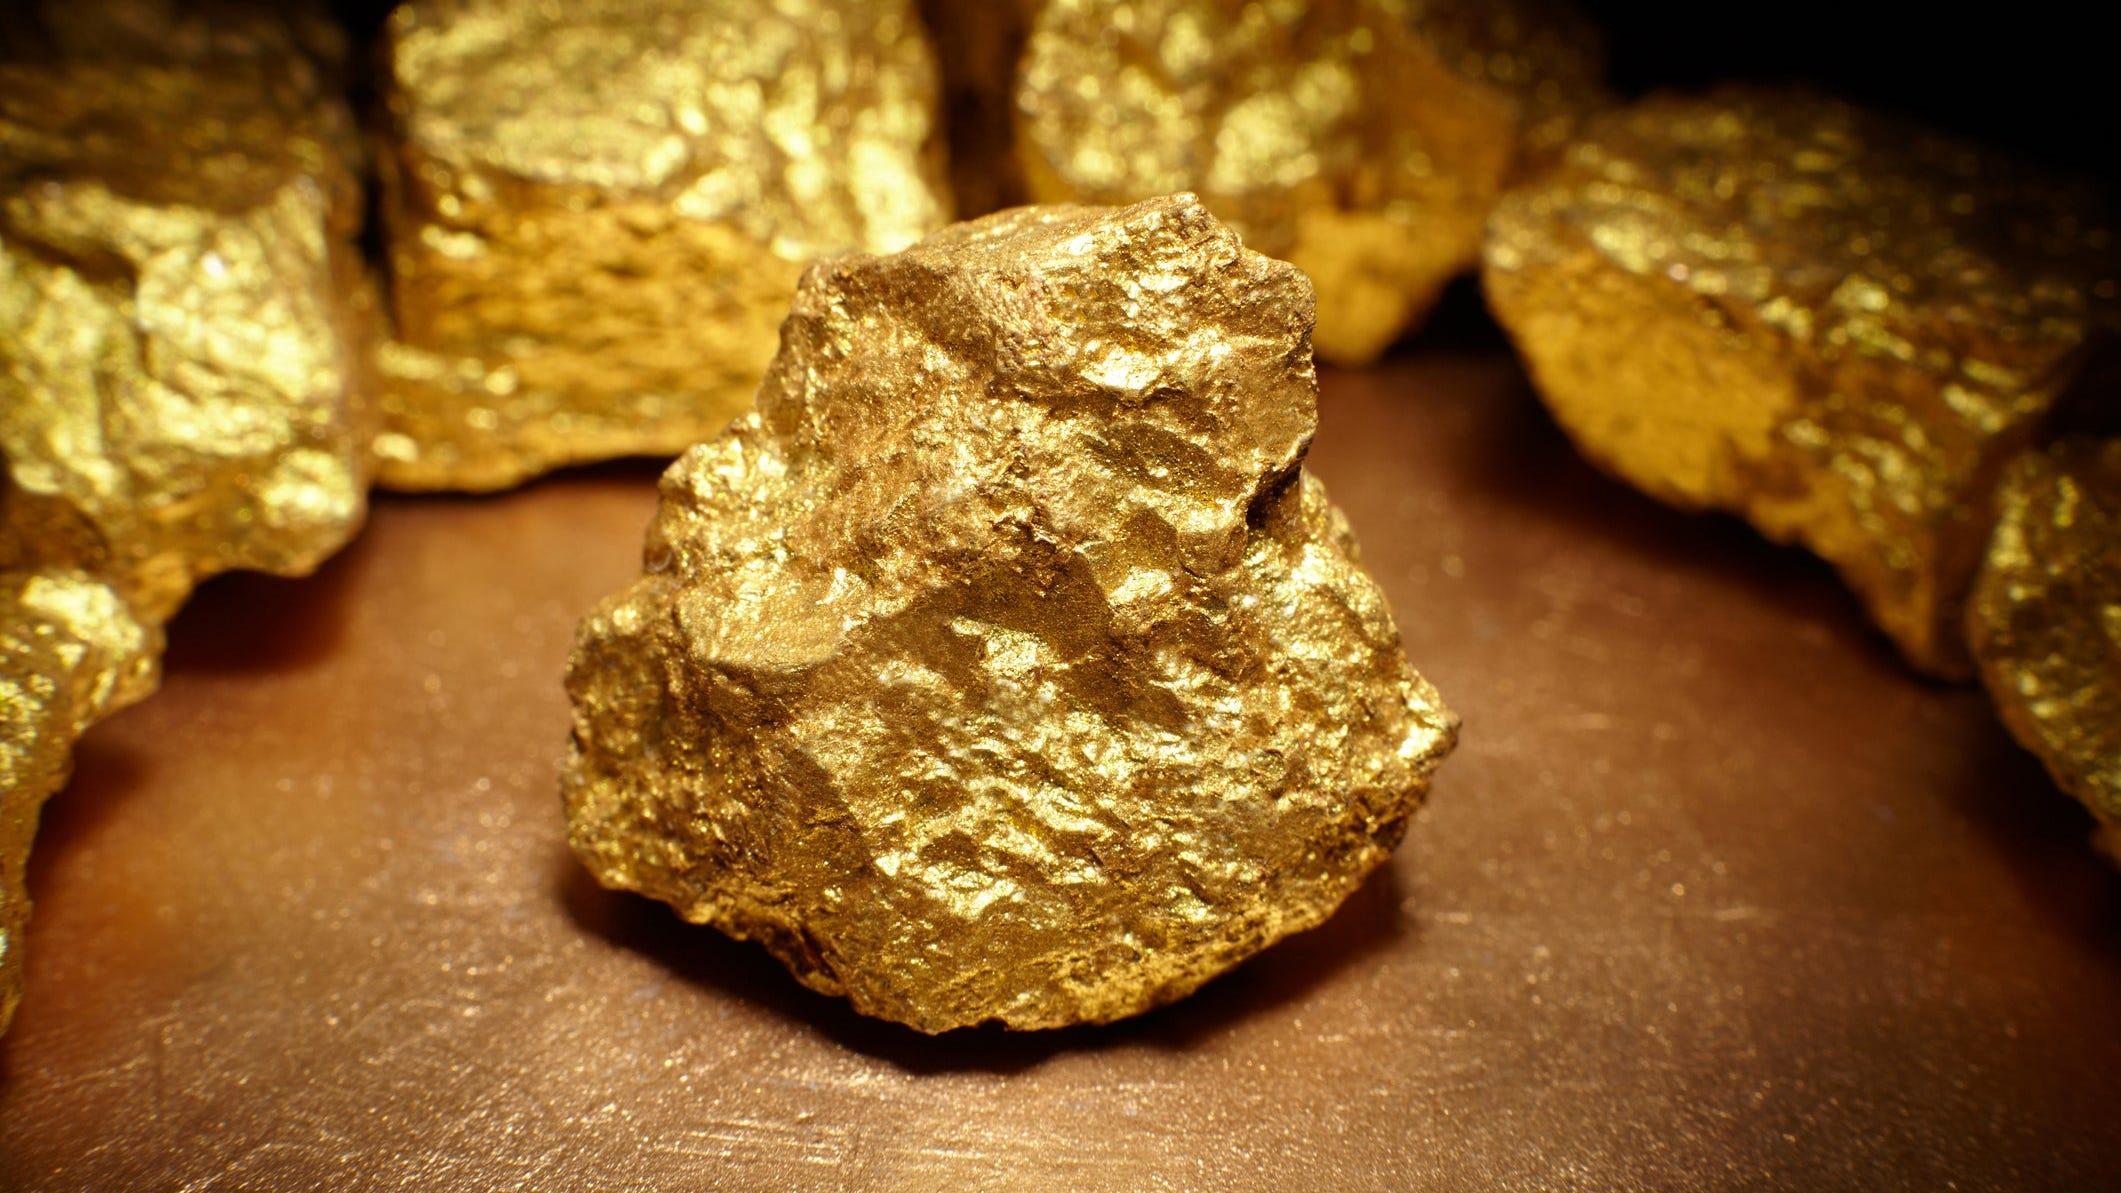 Giá vàng hôm nay 17/8: Tiếp tục điều chỉnh giảm khi đồng USD tăng